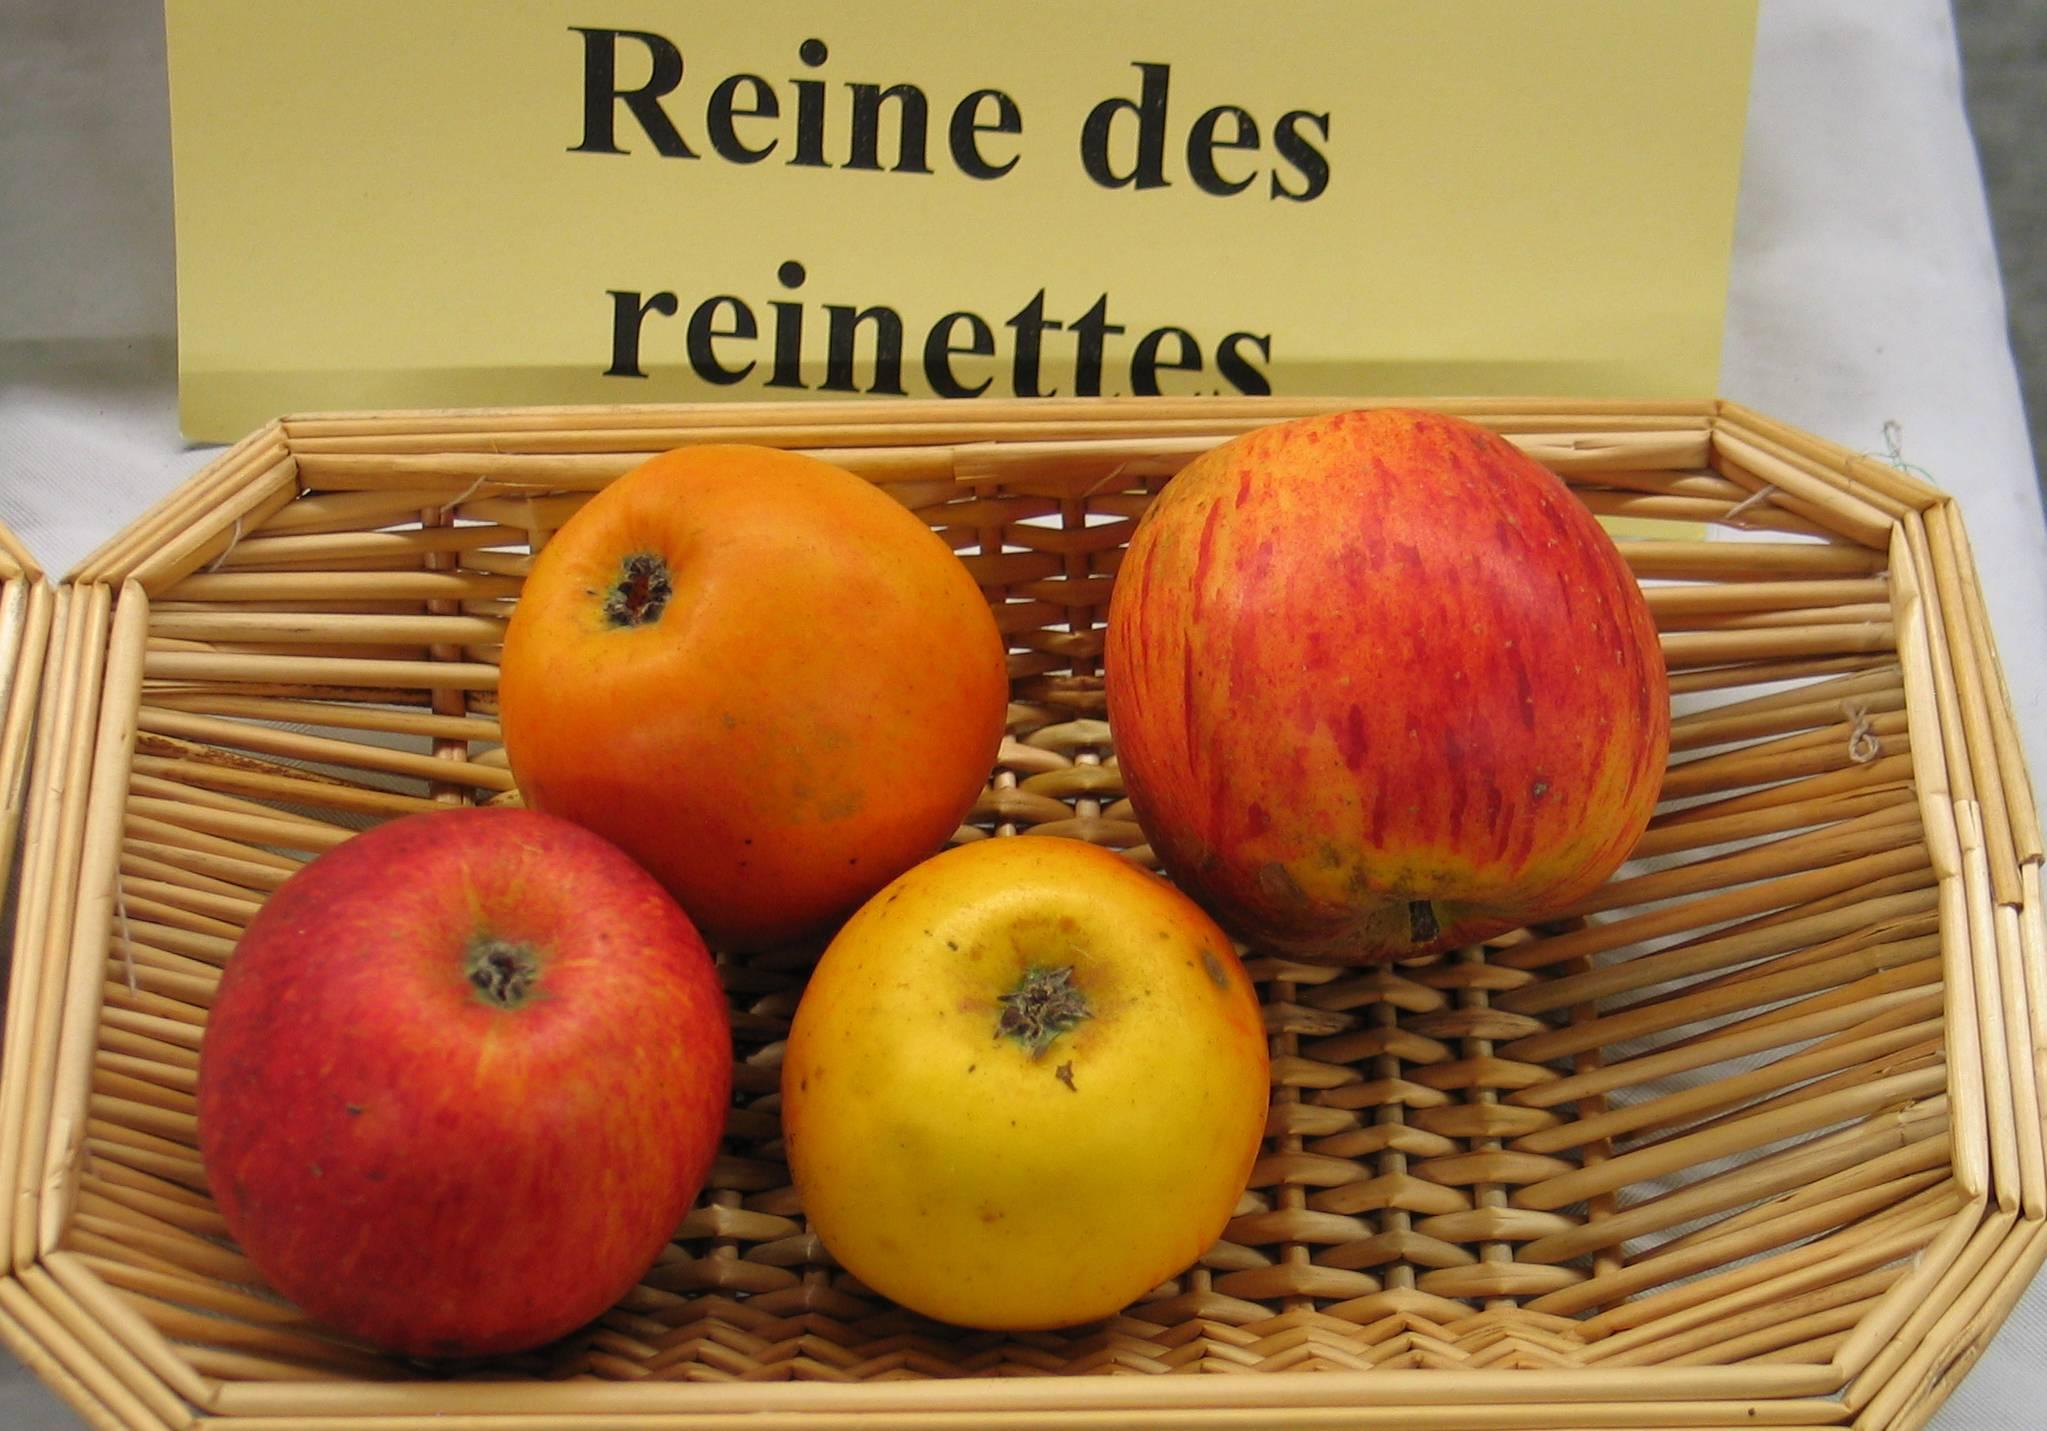 Pommes couteau de qu rina florina winter banana - Image de reine ...